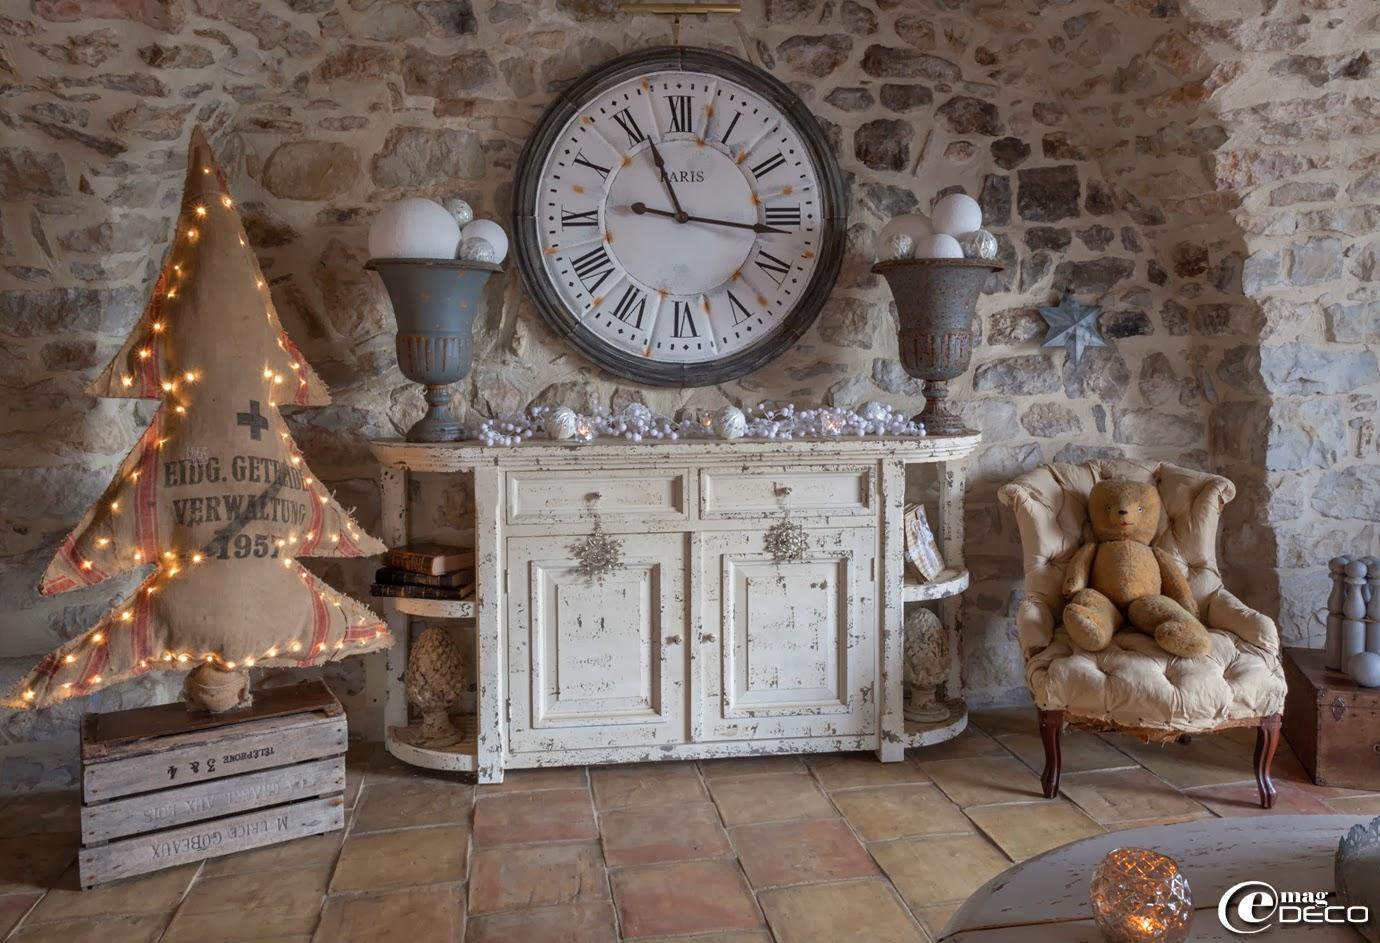 Sapin de Noël illuminé réalisé à partir d'une ancienne toile de jute, création 'Rose Velours' à L'Isle-sur-la-Sorgue, buffet 'Amadeus', horloge et vases Médicis en fonte 'Chehoma'